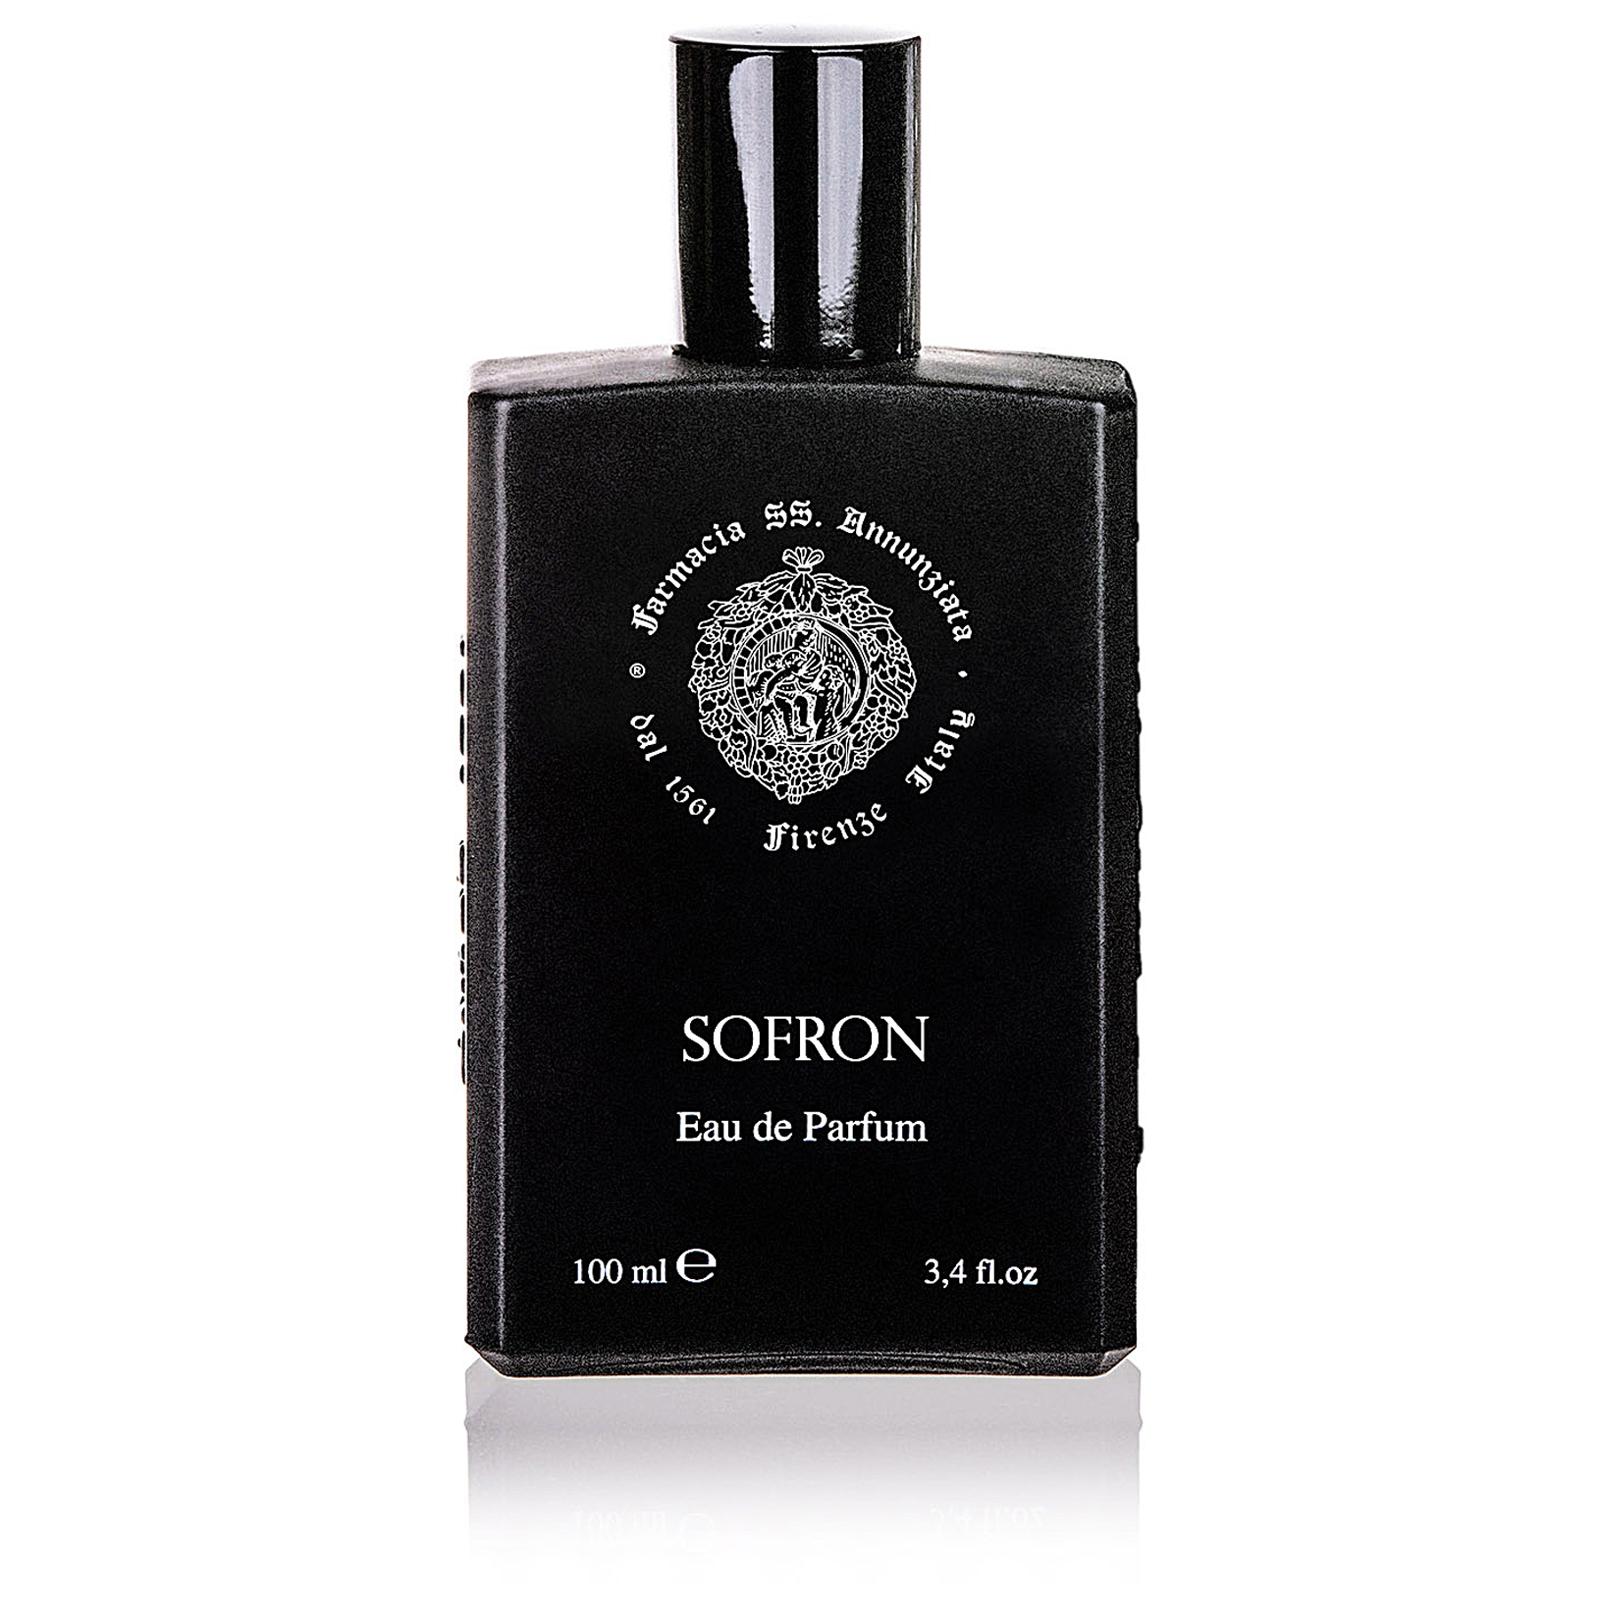 Sofron perfume eau de parfum 100 ml